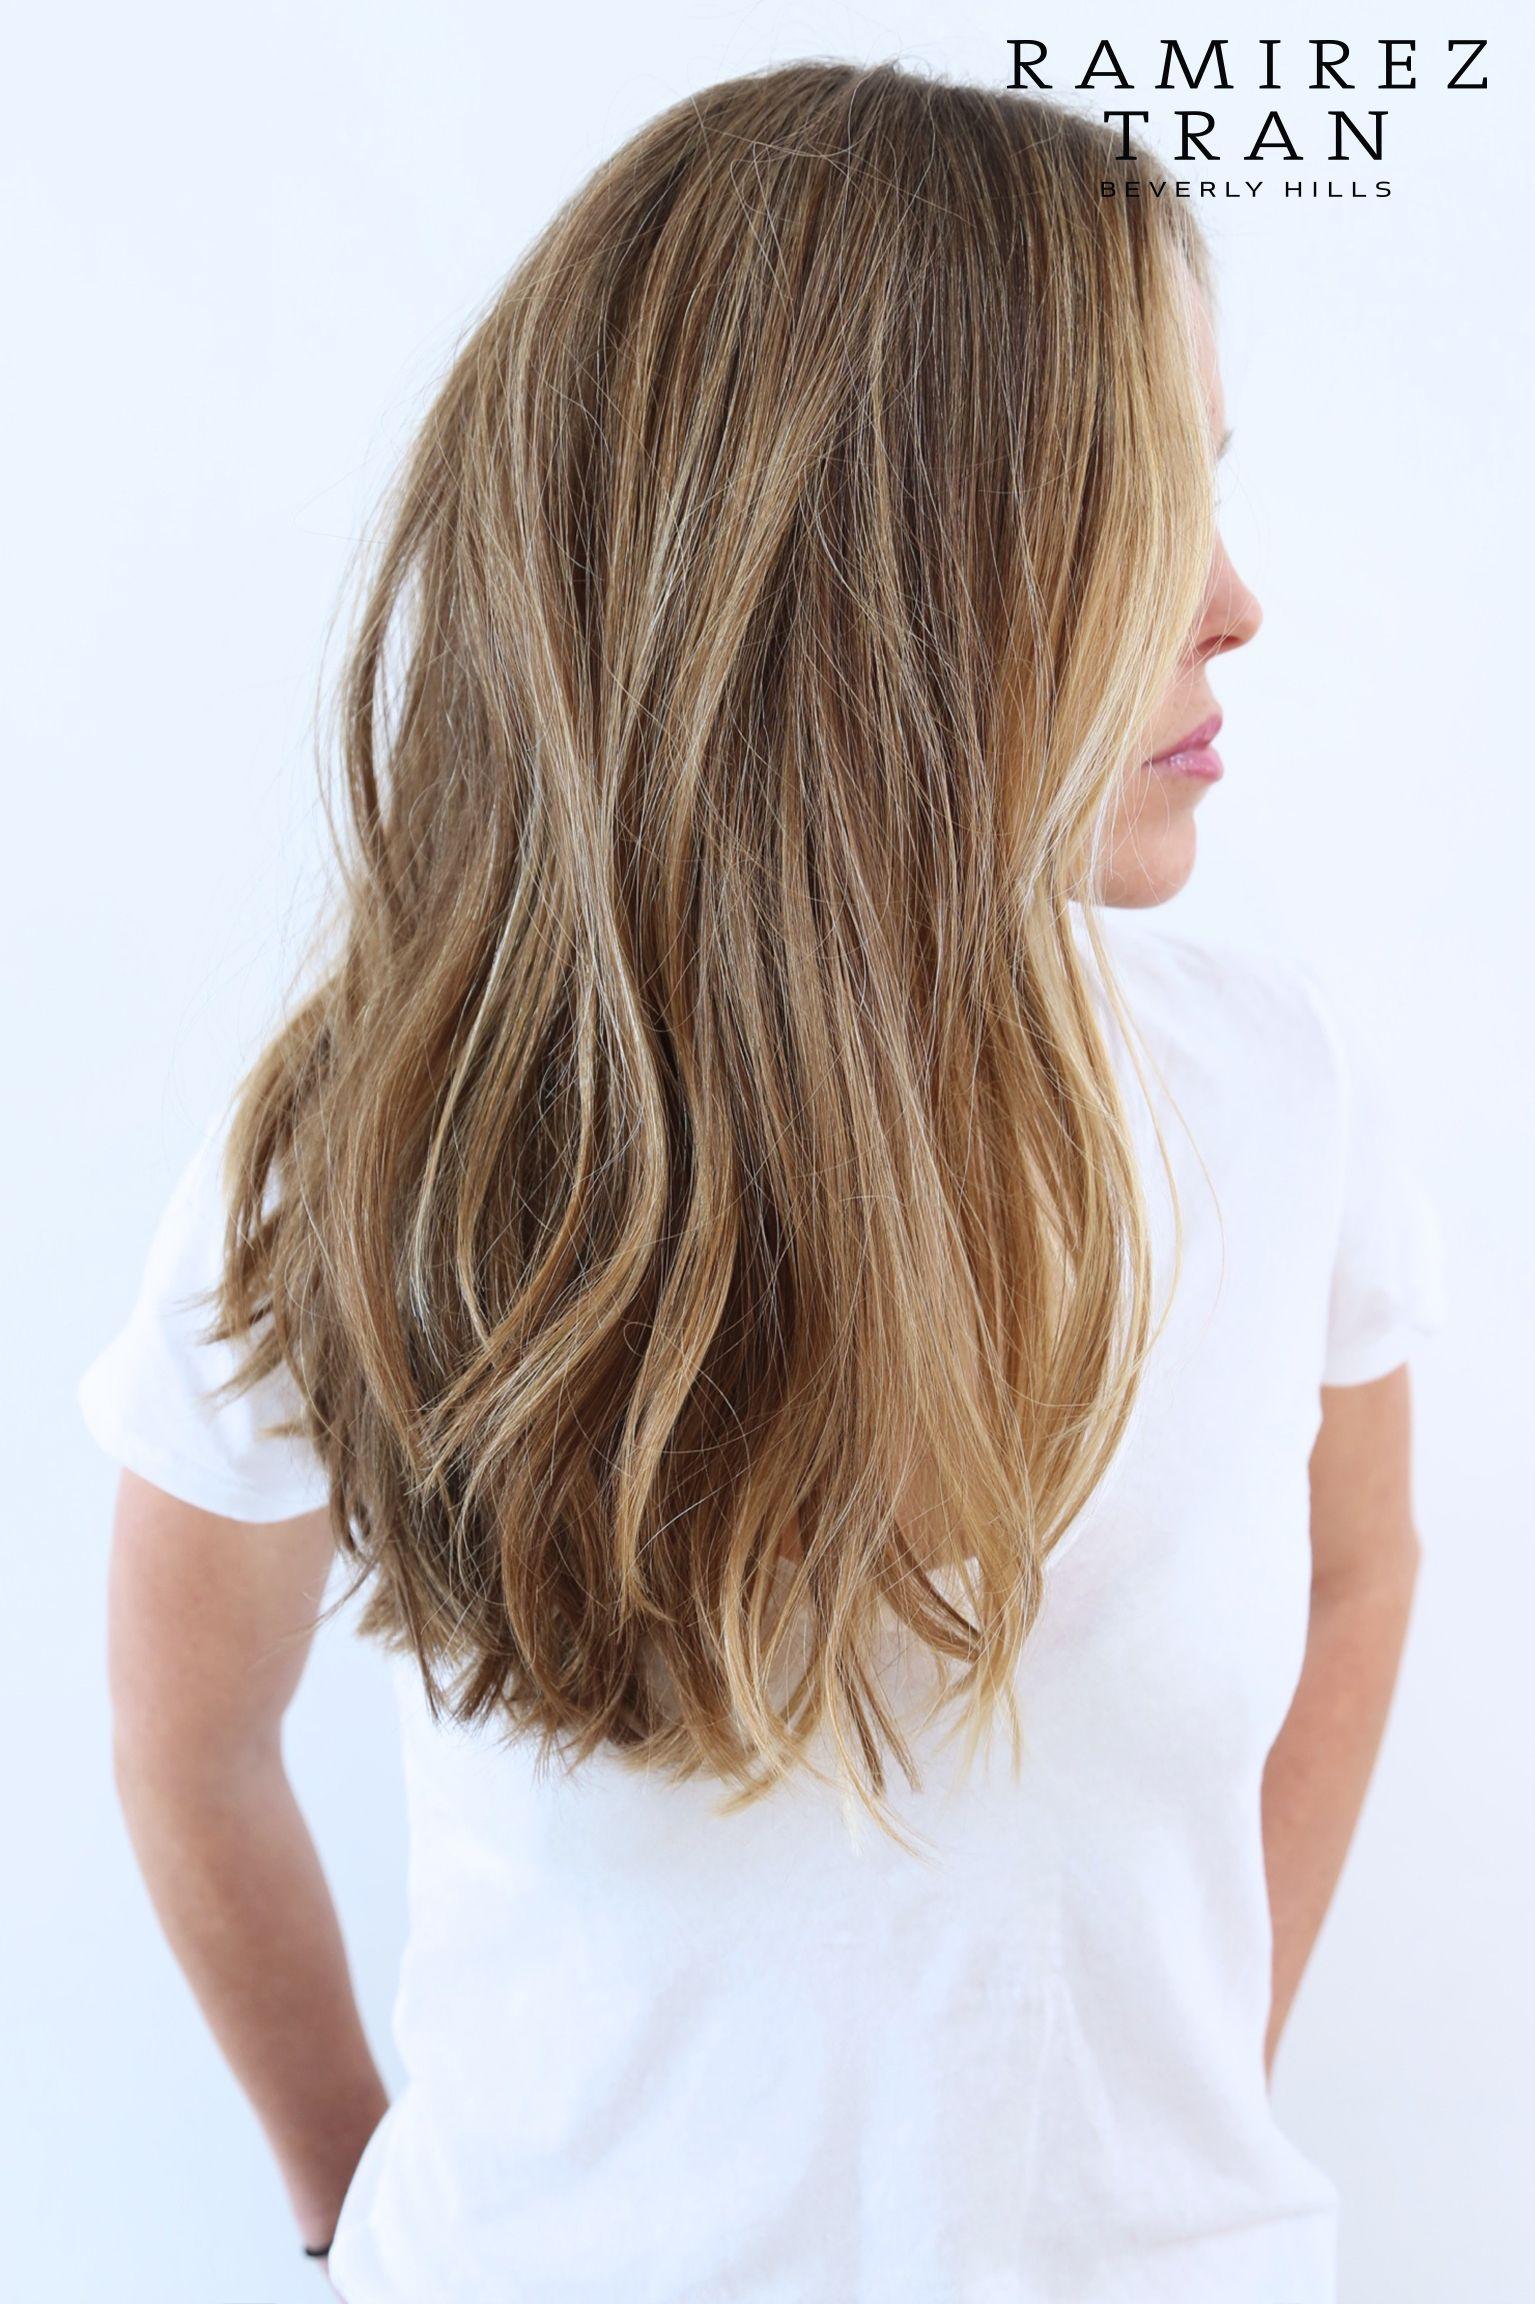 Pin von Marissa Lewis auf Hair   Pinterest   Haar, Haarfarbe und Frisur